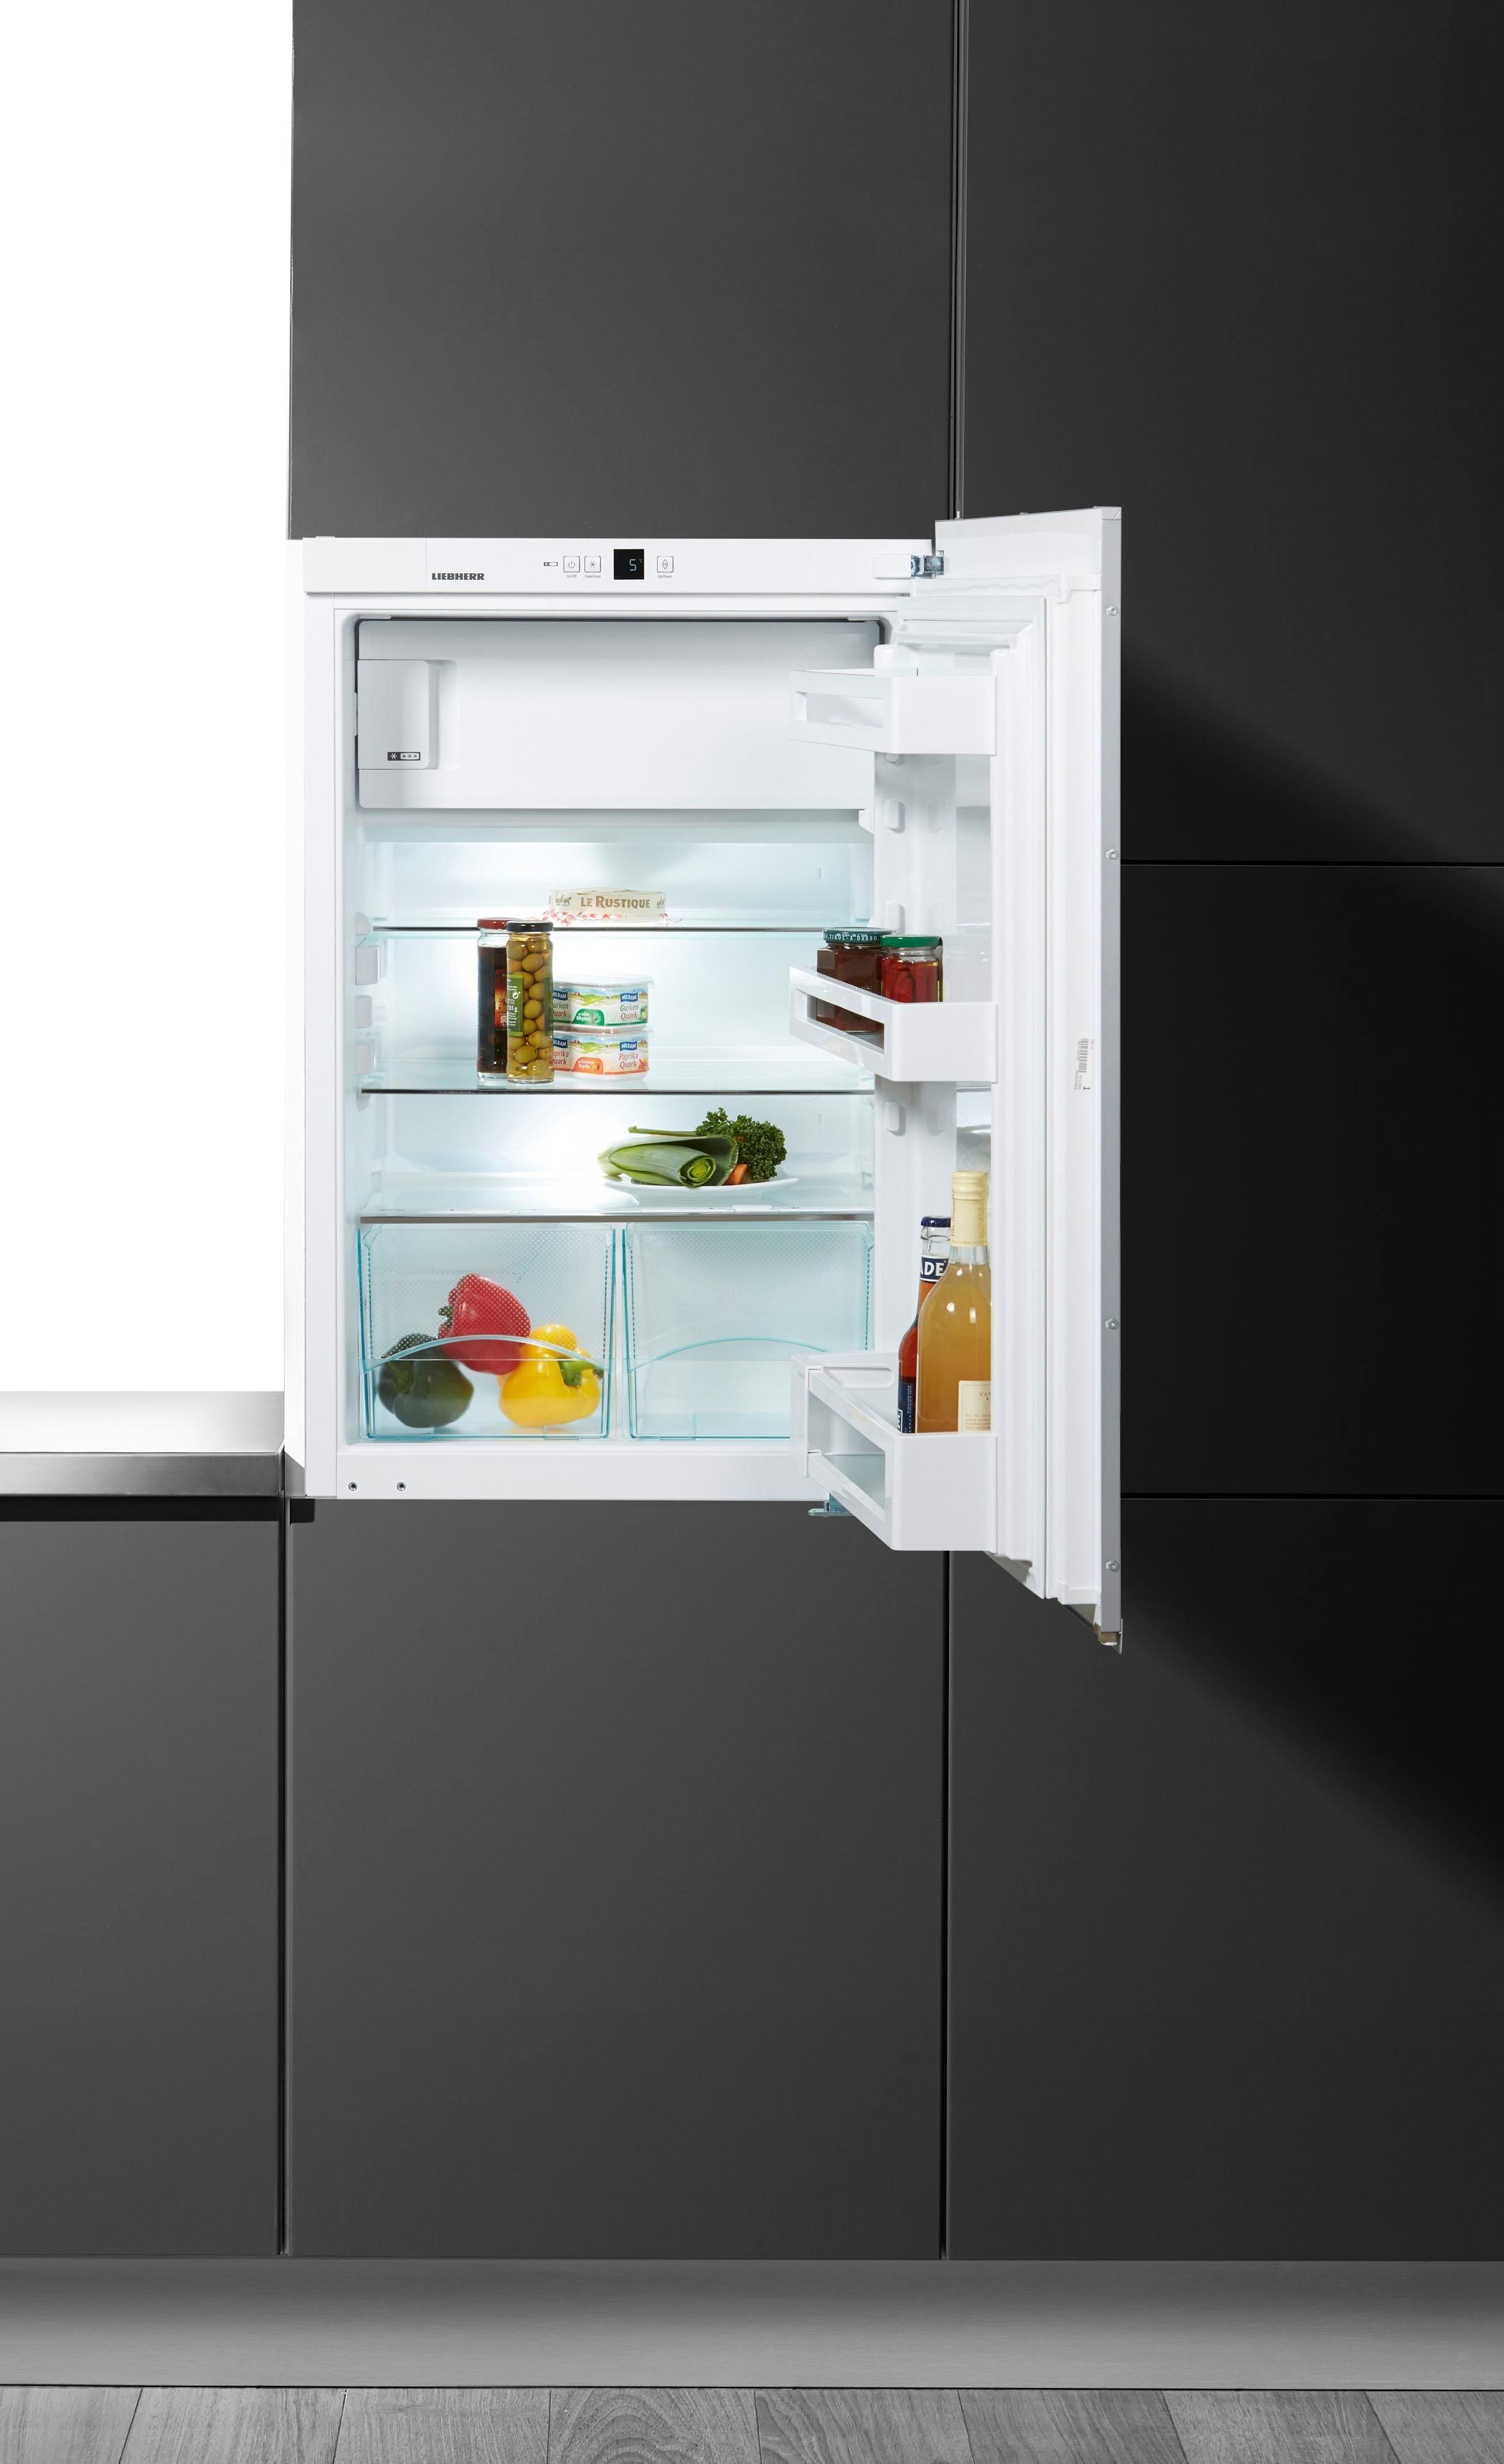 Liebherr Kühlschränke Preisvergleich • Die besten Angebote online kaufen